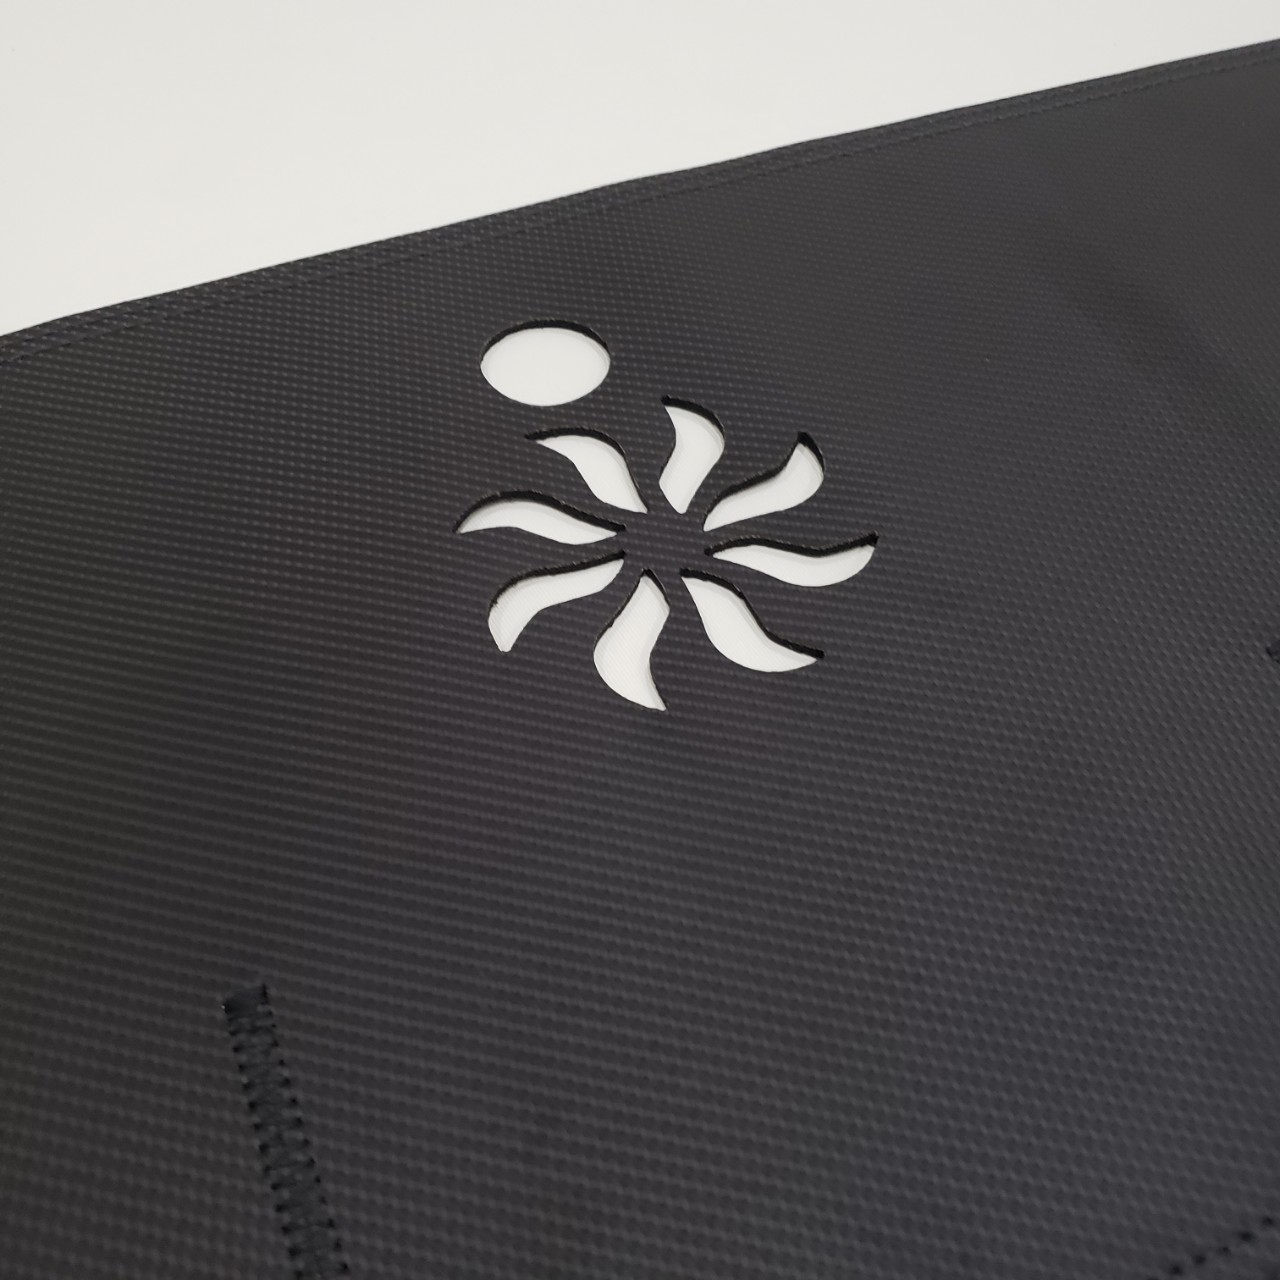 Thảm da Taplo vân carbon Cao cấp dành cho xe Toyota Camry 2012-2018